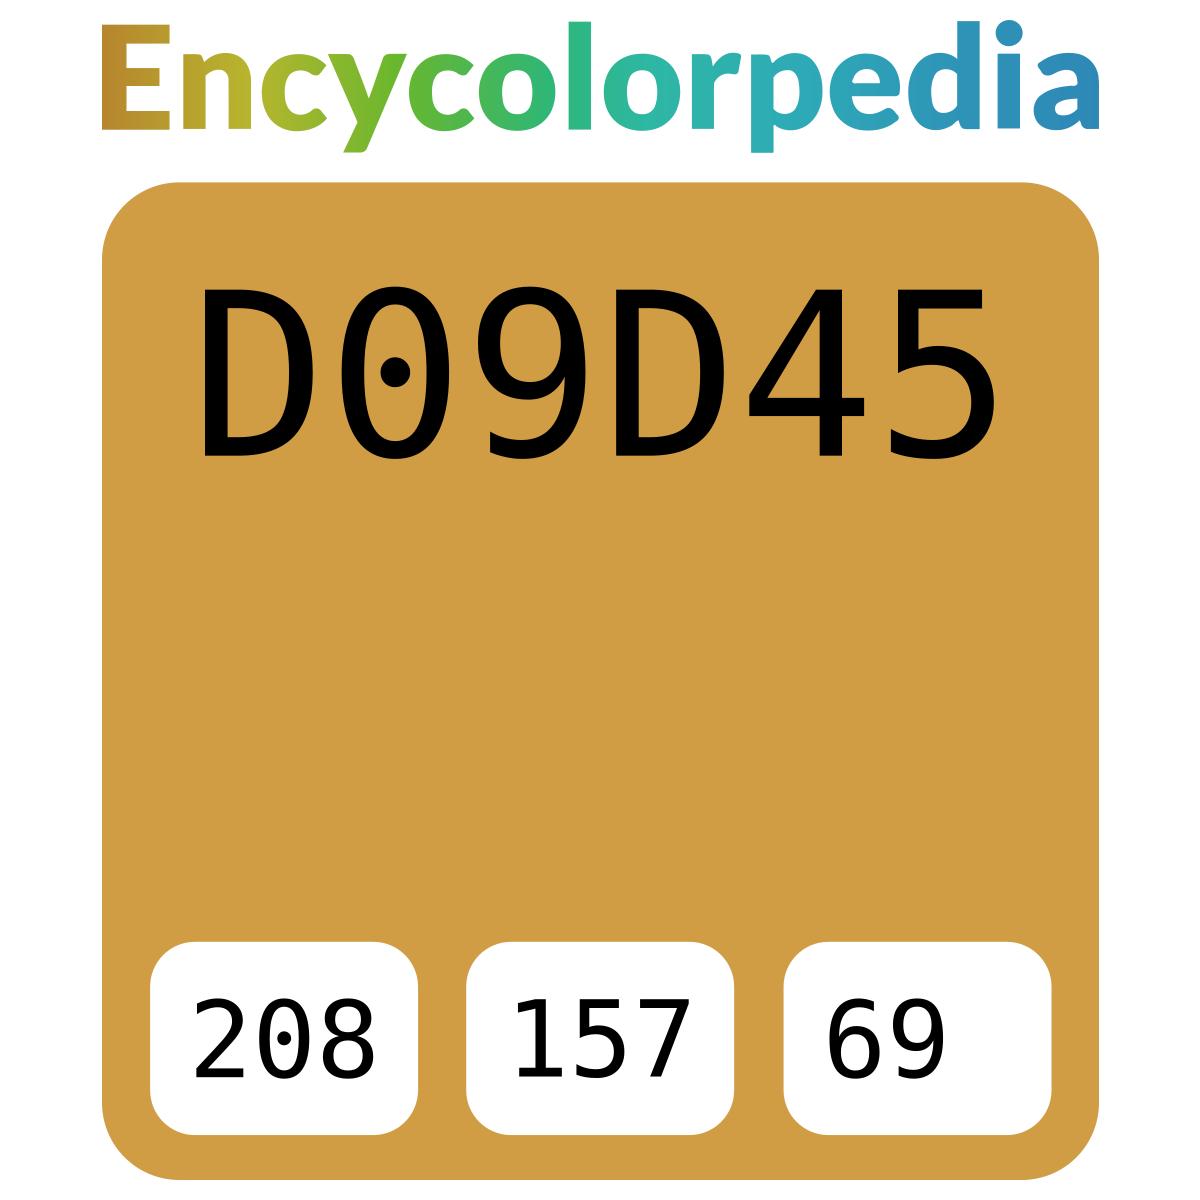 d09d45